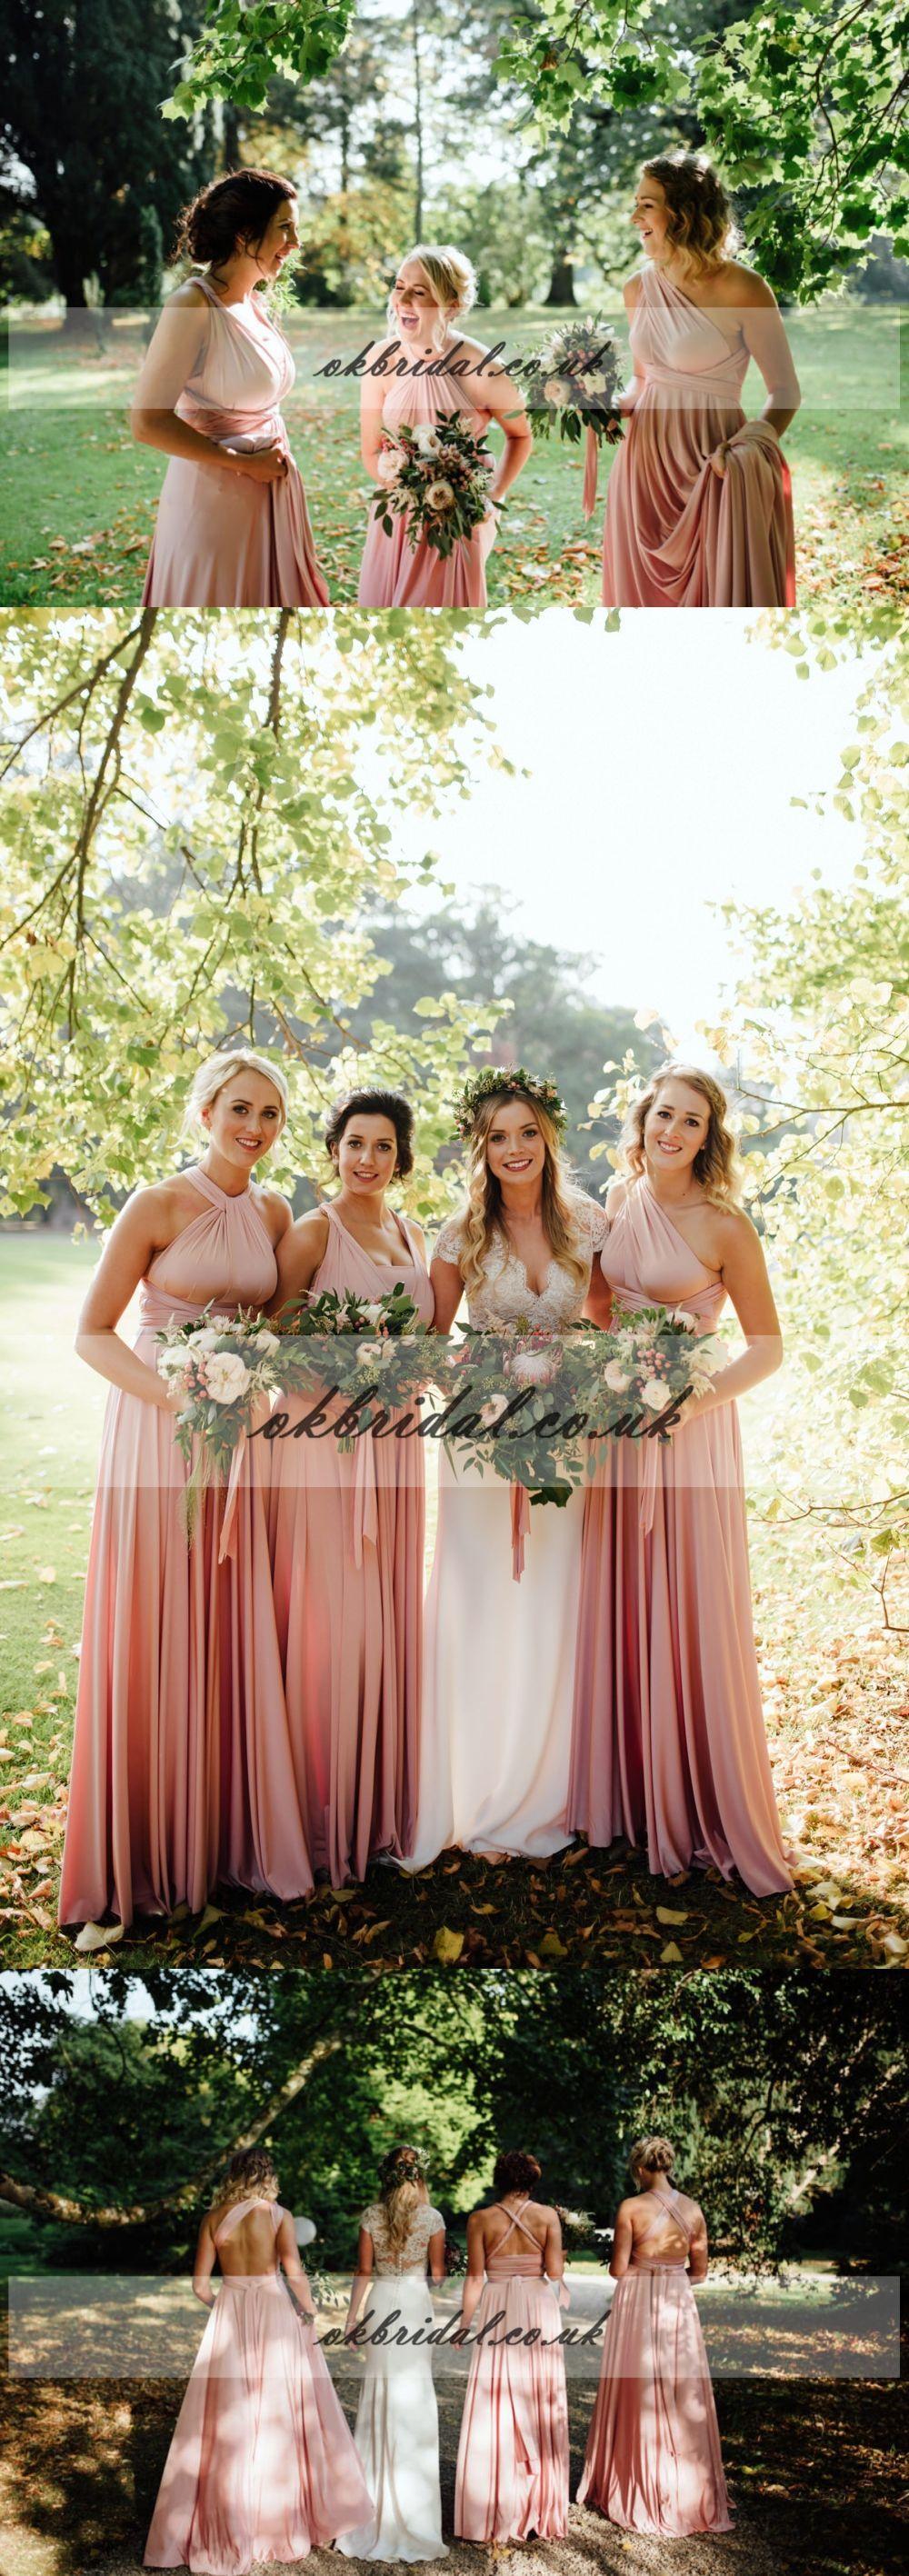 Convertible soft satin bridesmaid dress backless bridesmaid dress